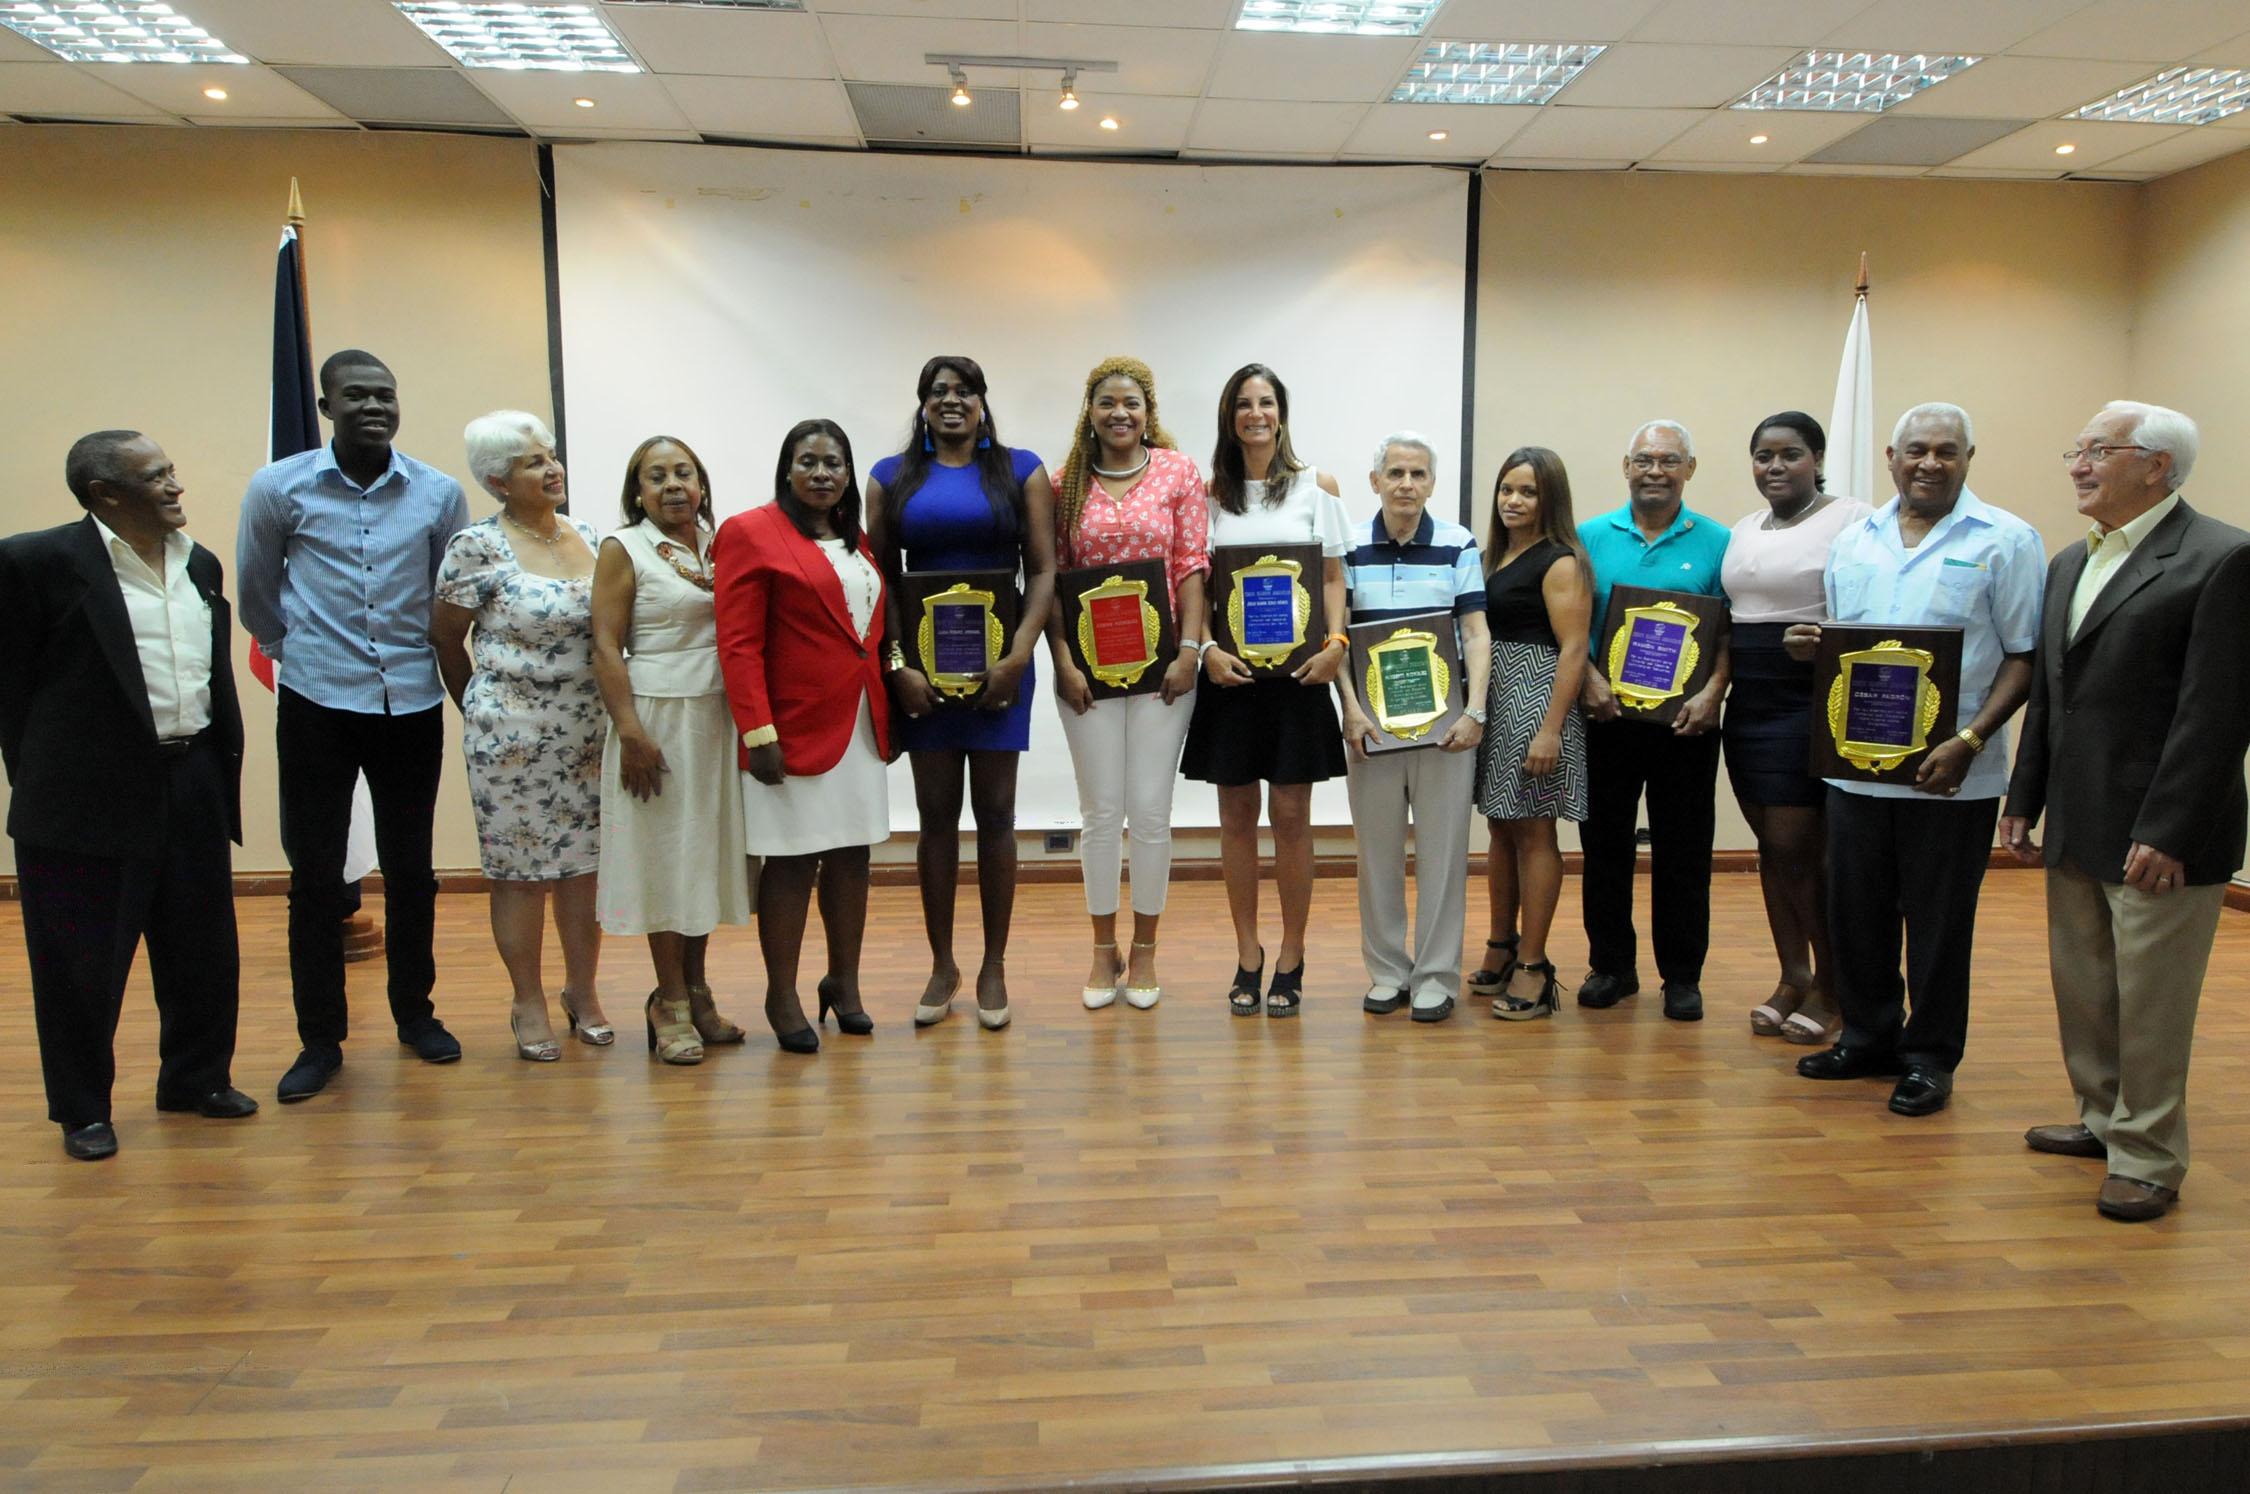 Comisión Mujer y Deporte rinde tributo a nuevos inmortales